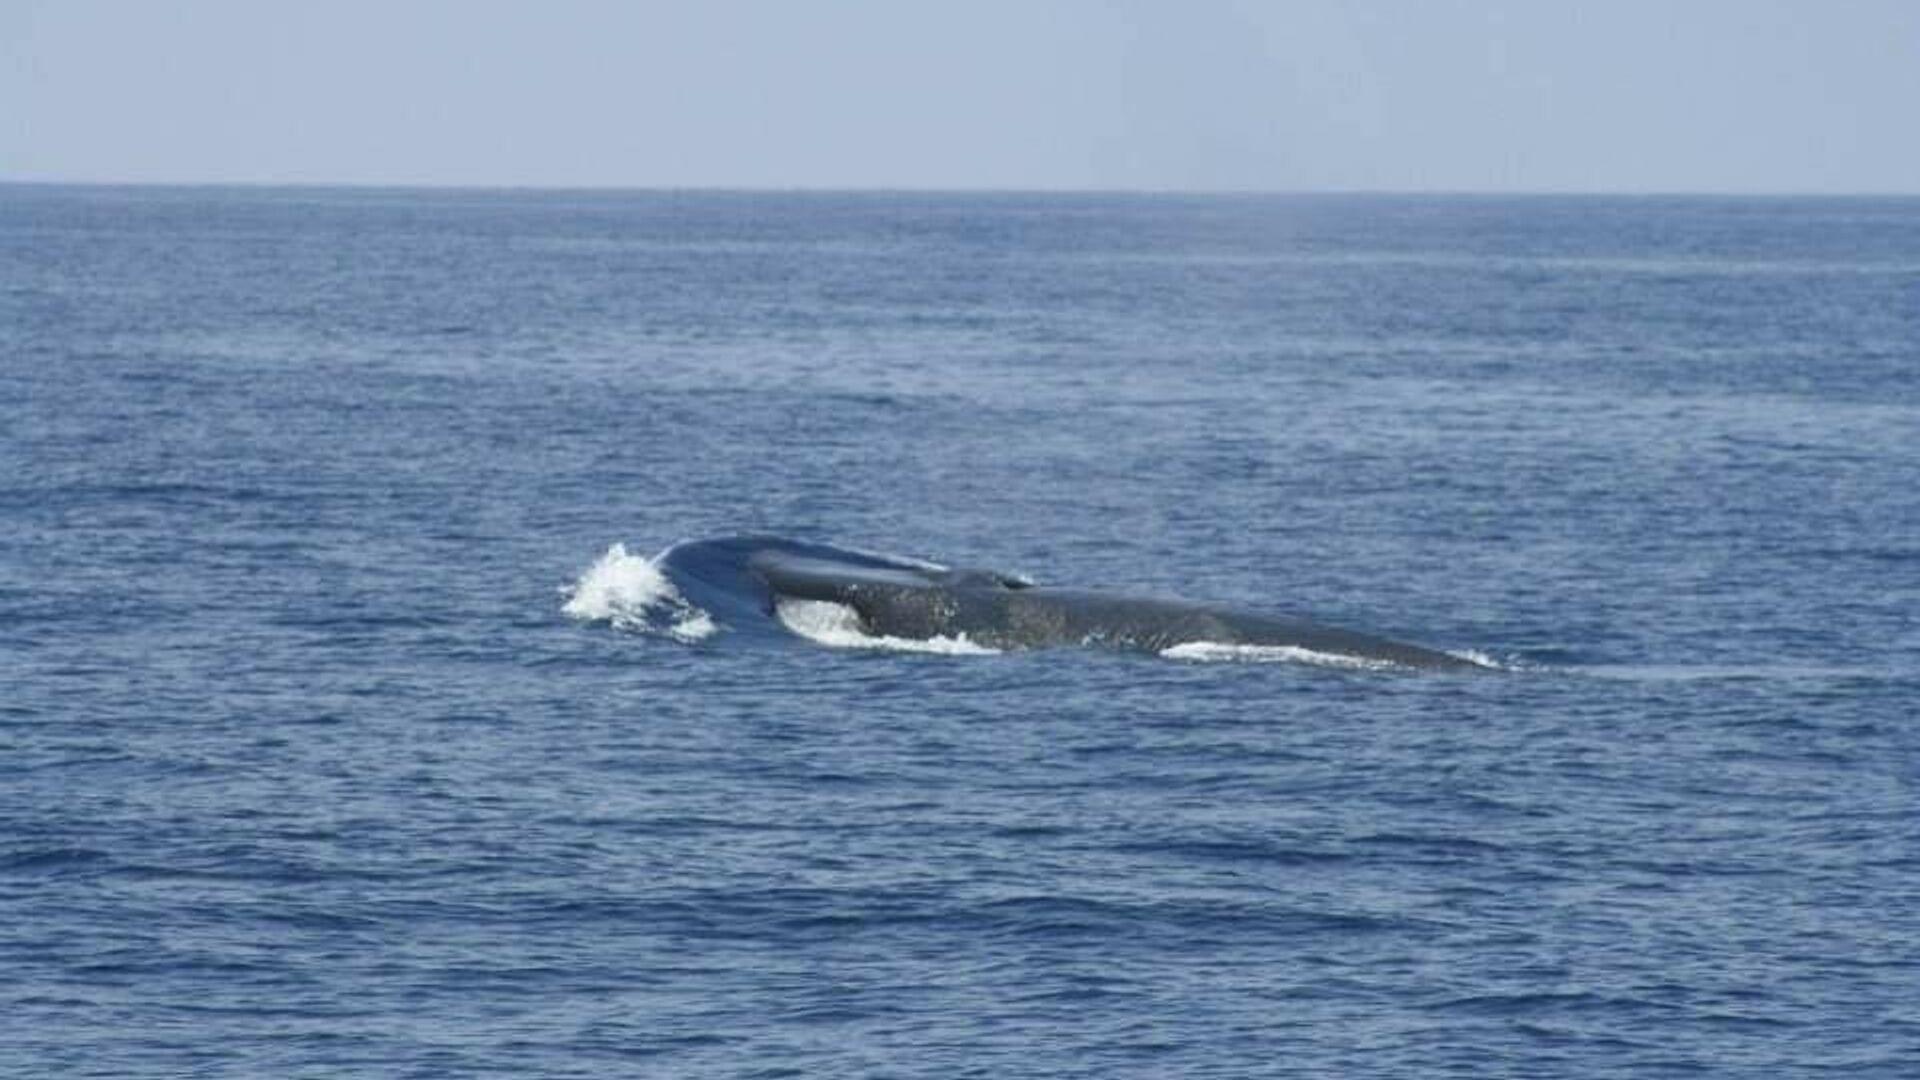 La ballena aleta, vista en cabo de Palos, puede tener una longitud de hasta 24 metros - Sputnik Mundo, 1920, 01.07.2021